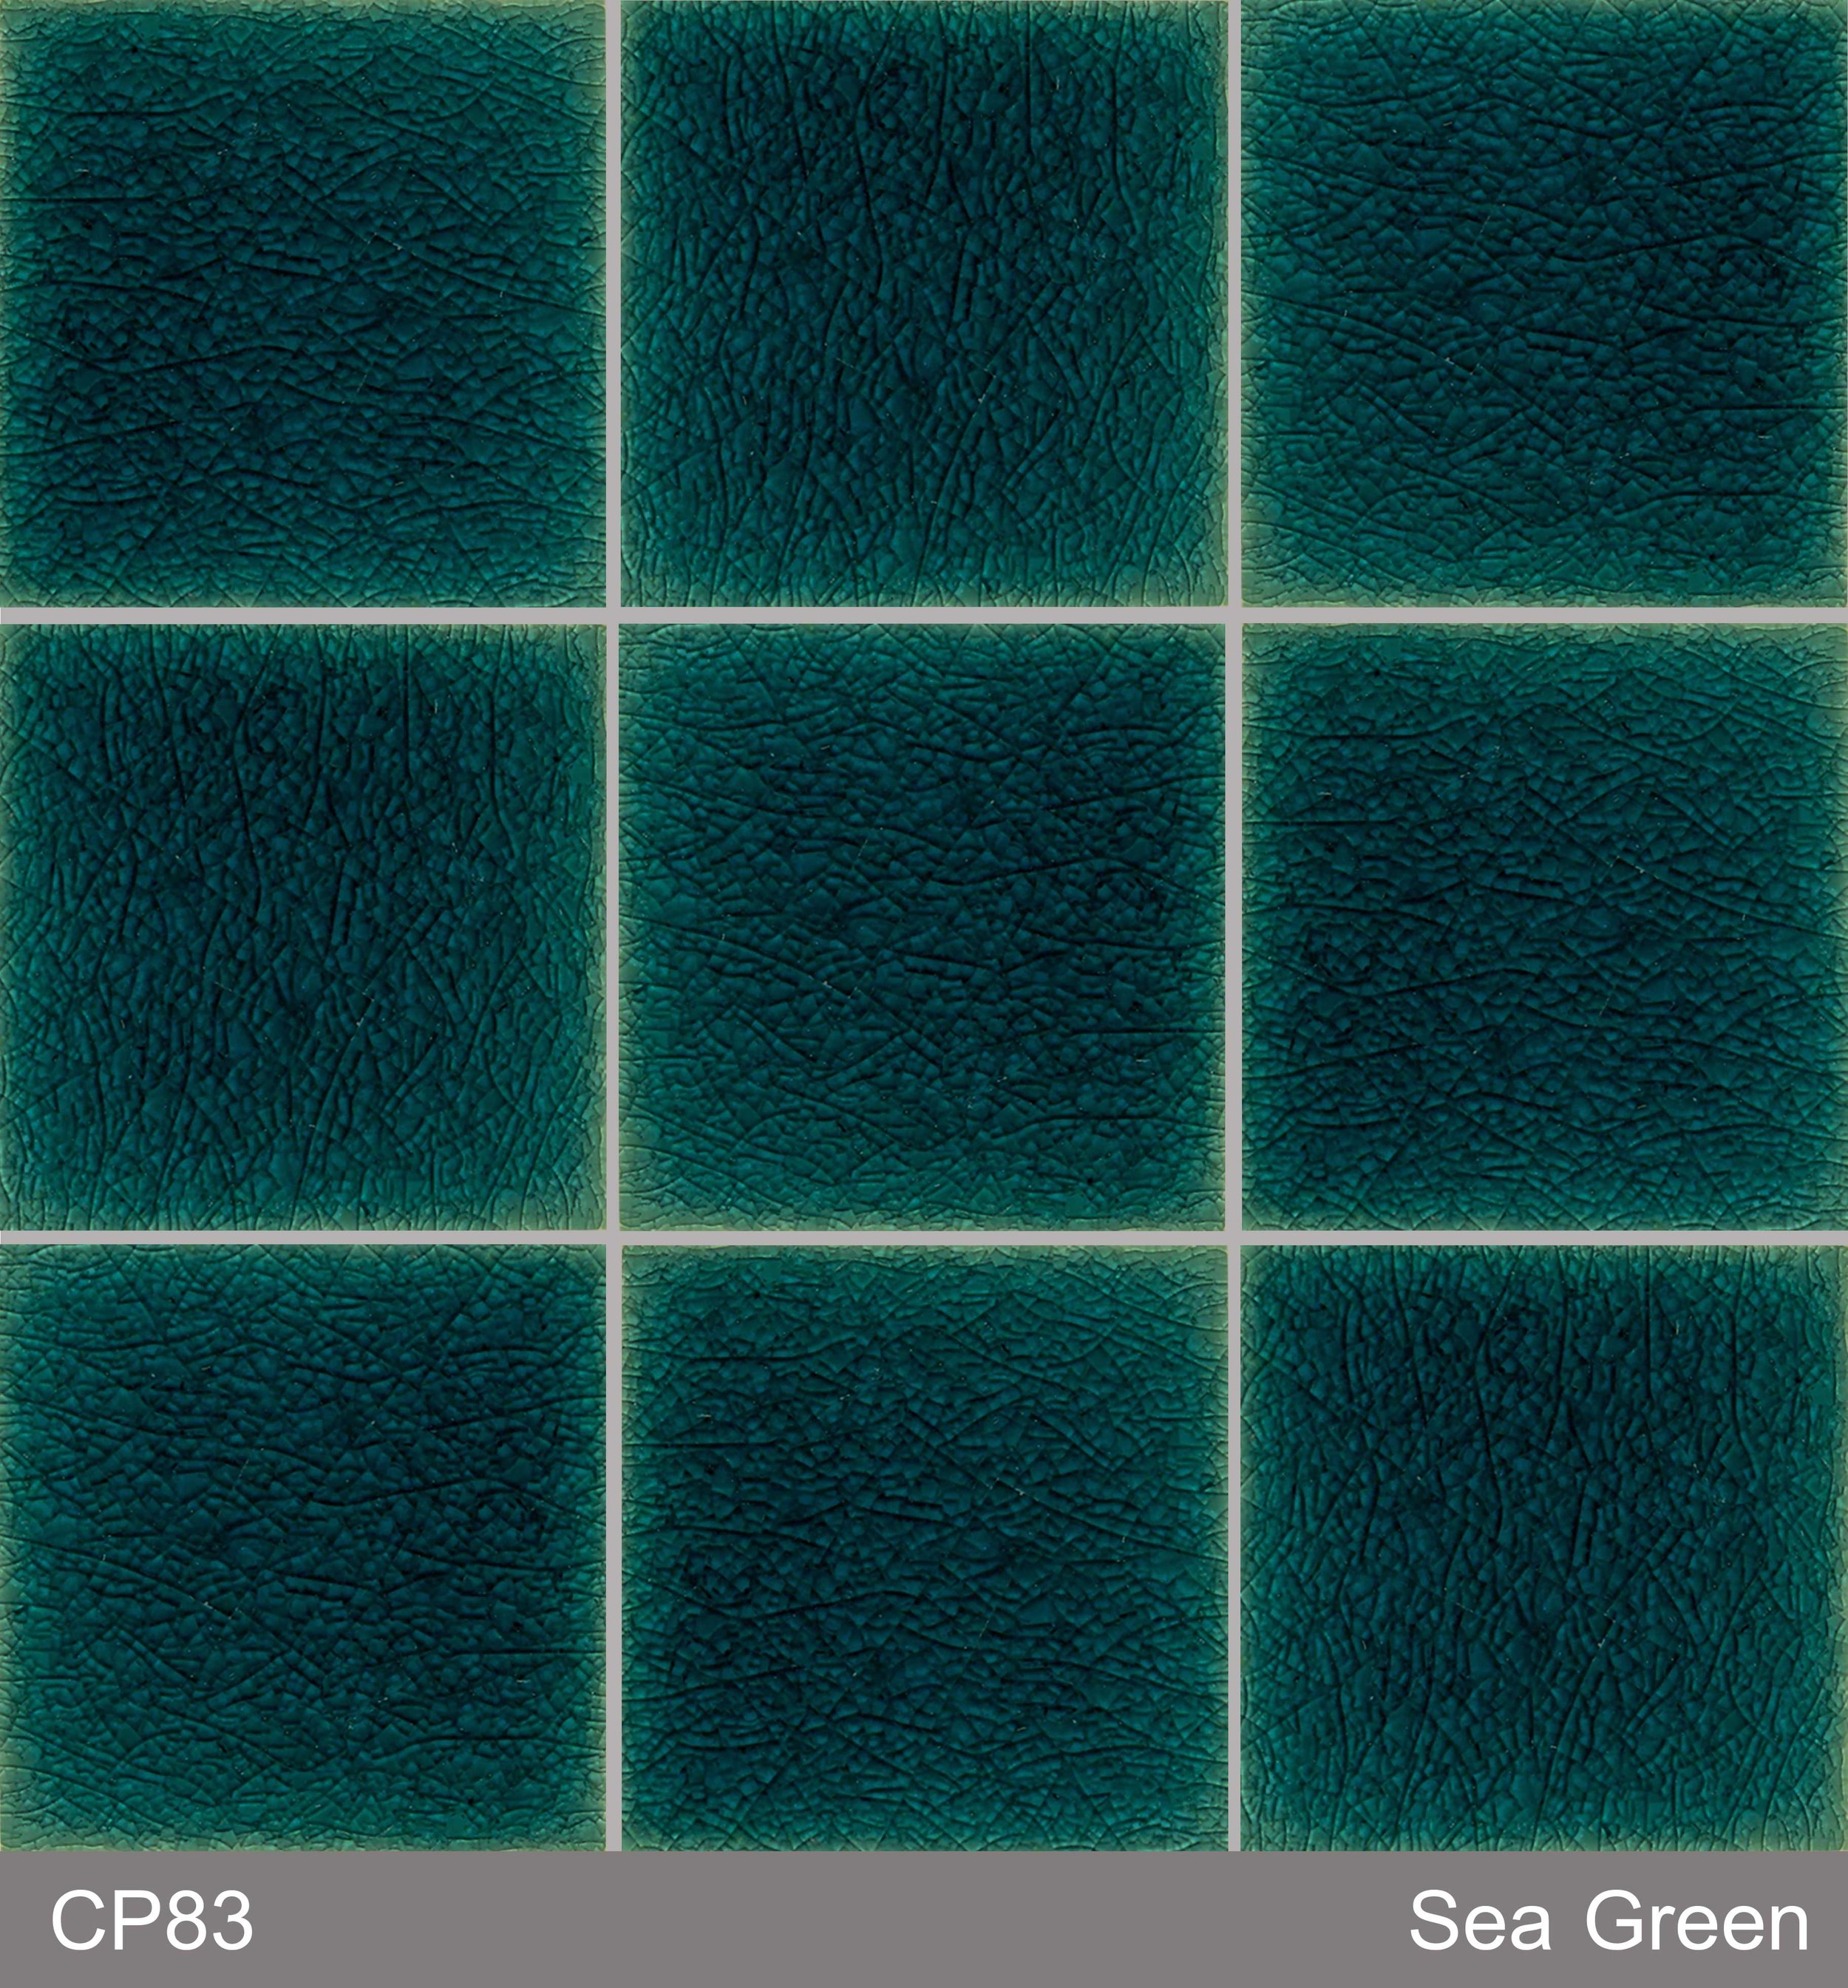 CP83 : Sea green